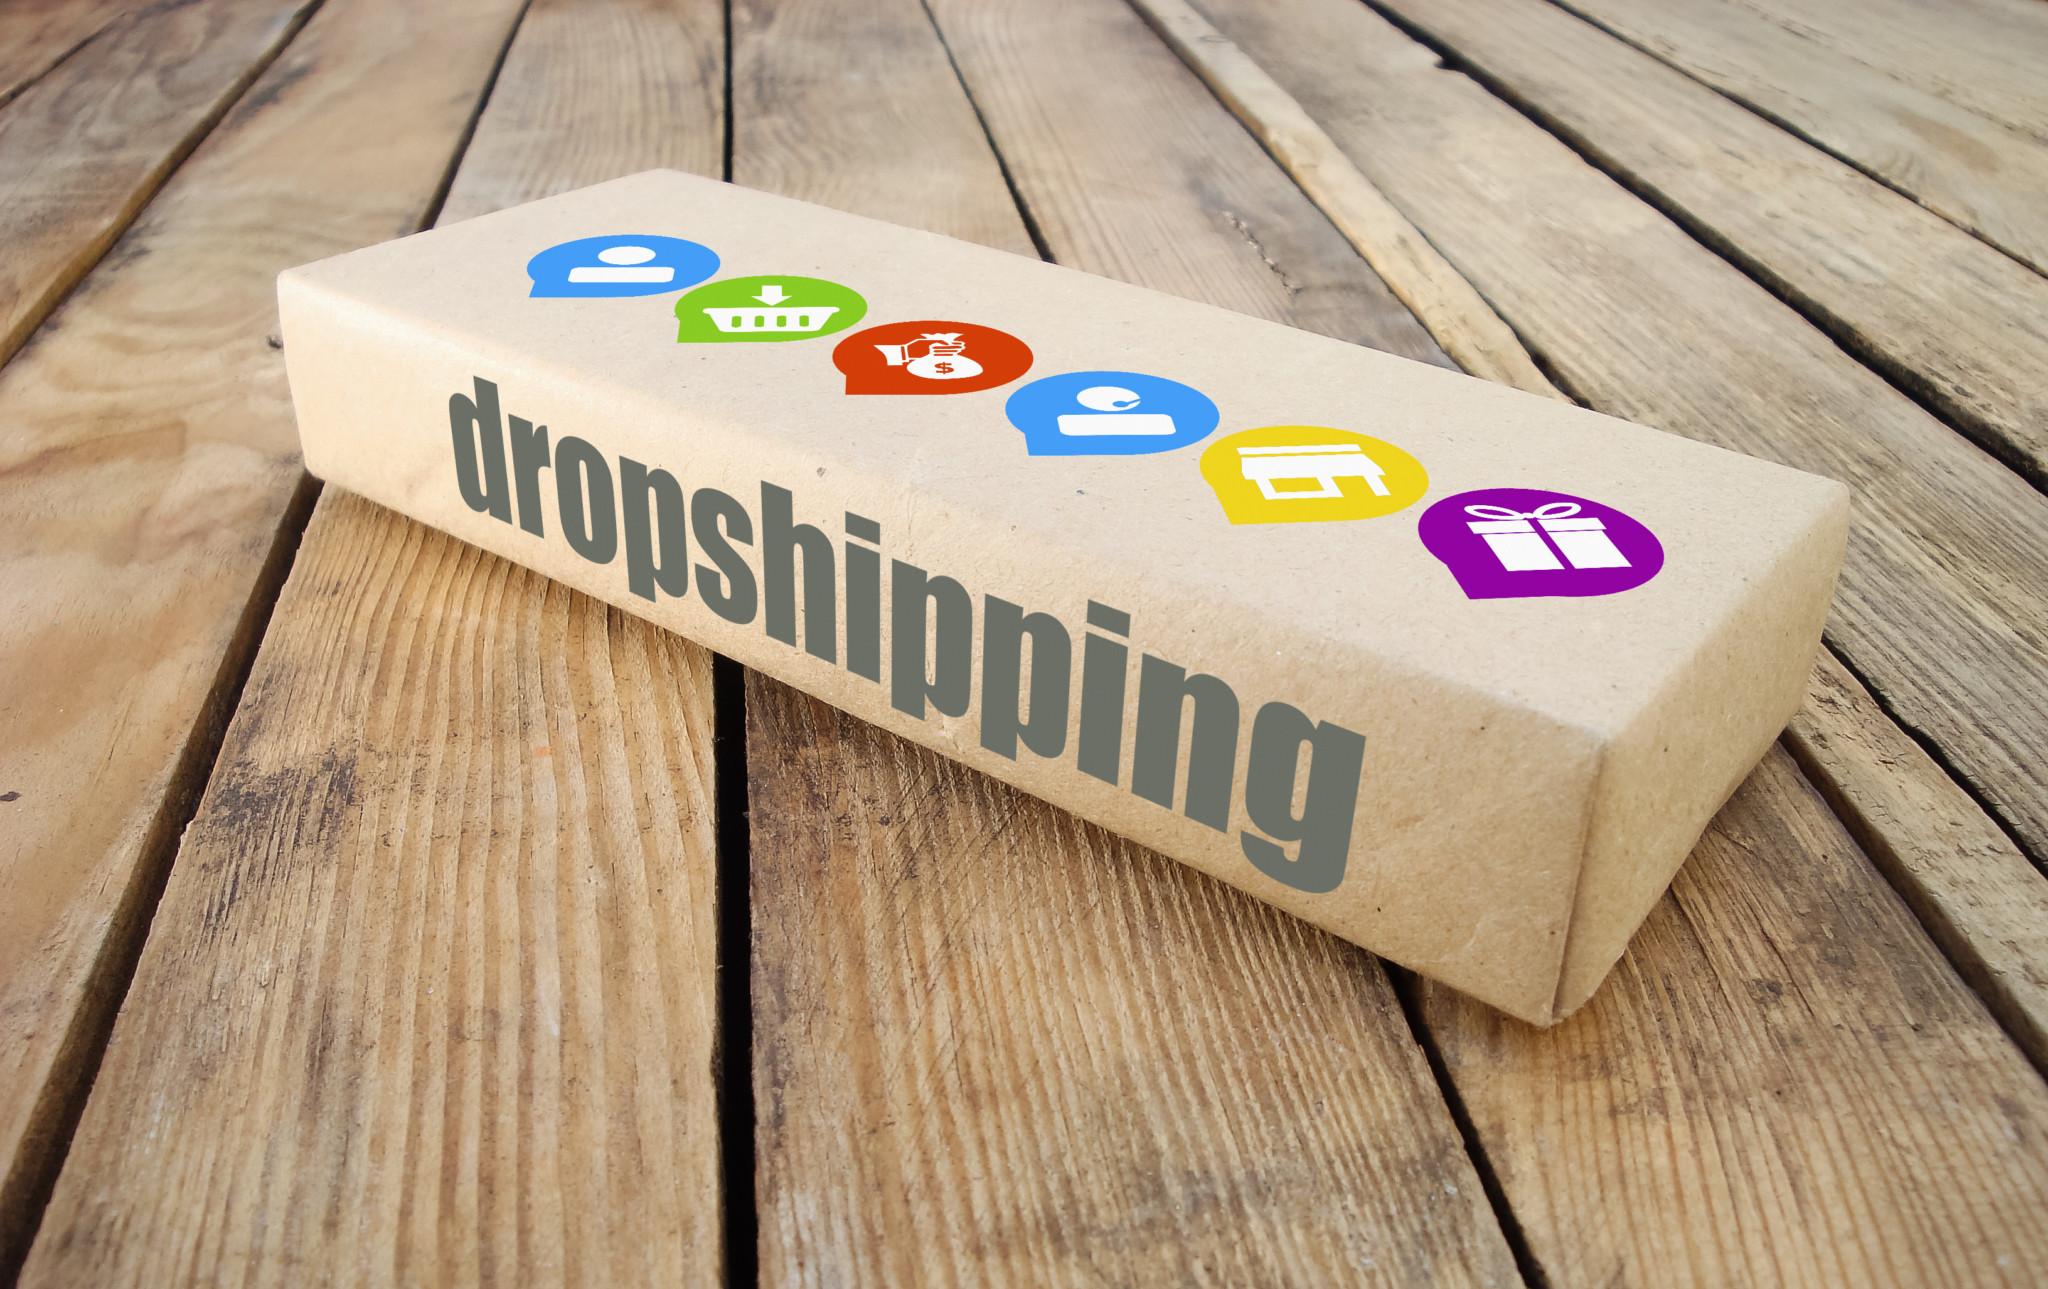 vender dropshipping o productos propios